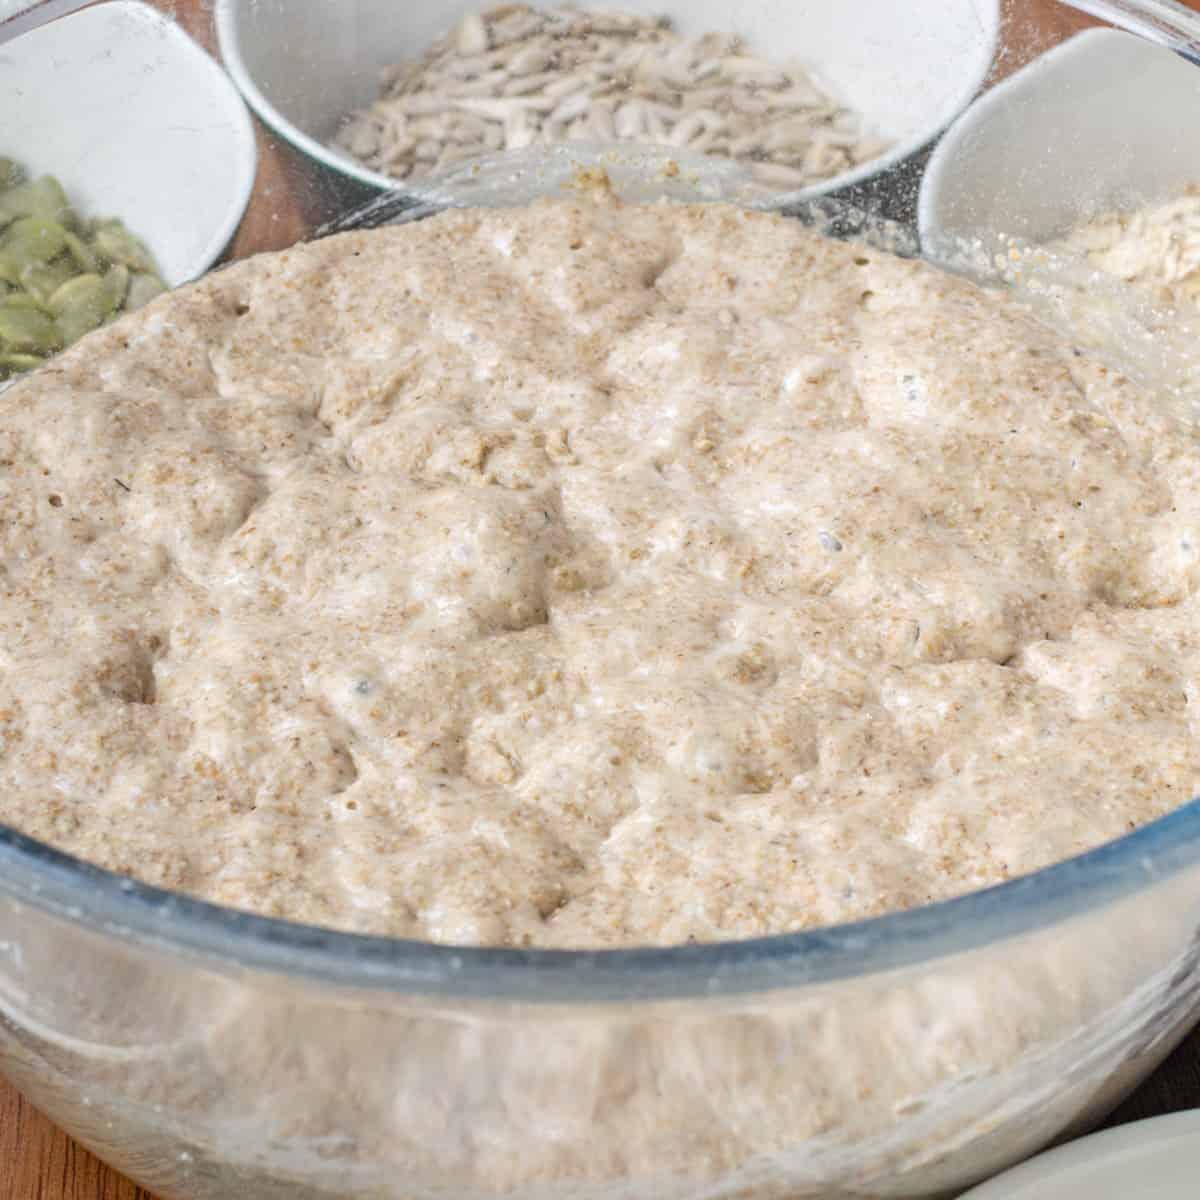 Bubbly wholemeal rye sourdough starter.